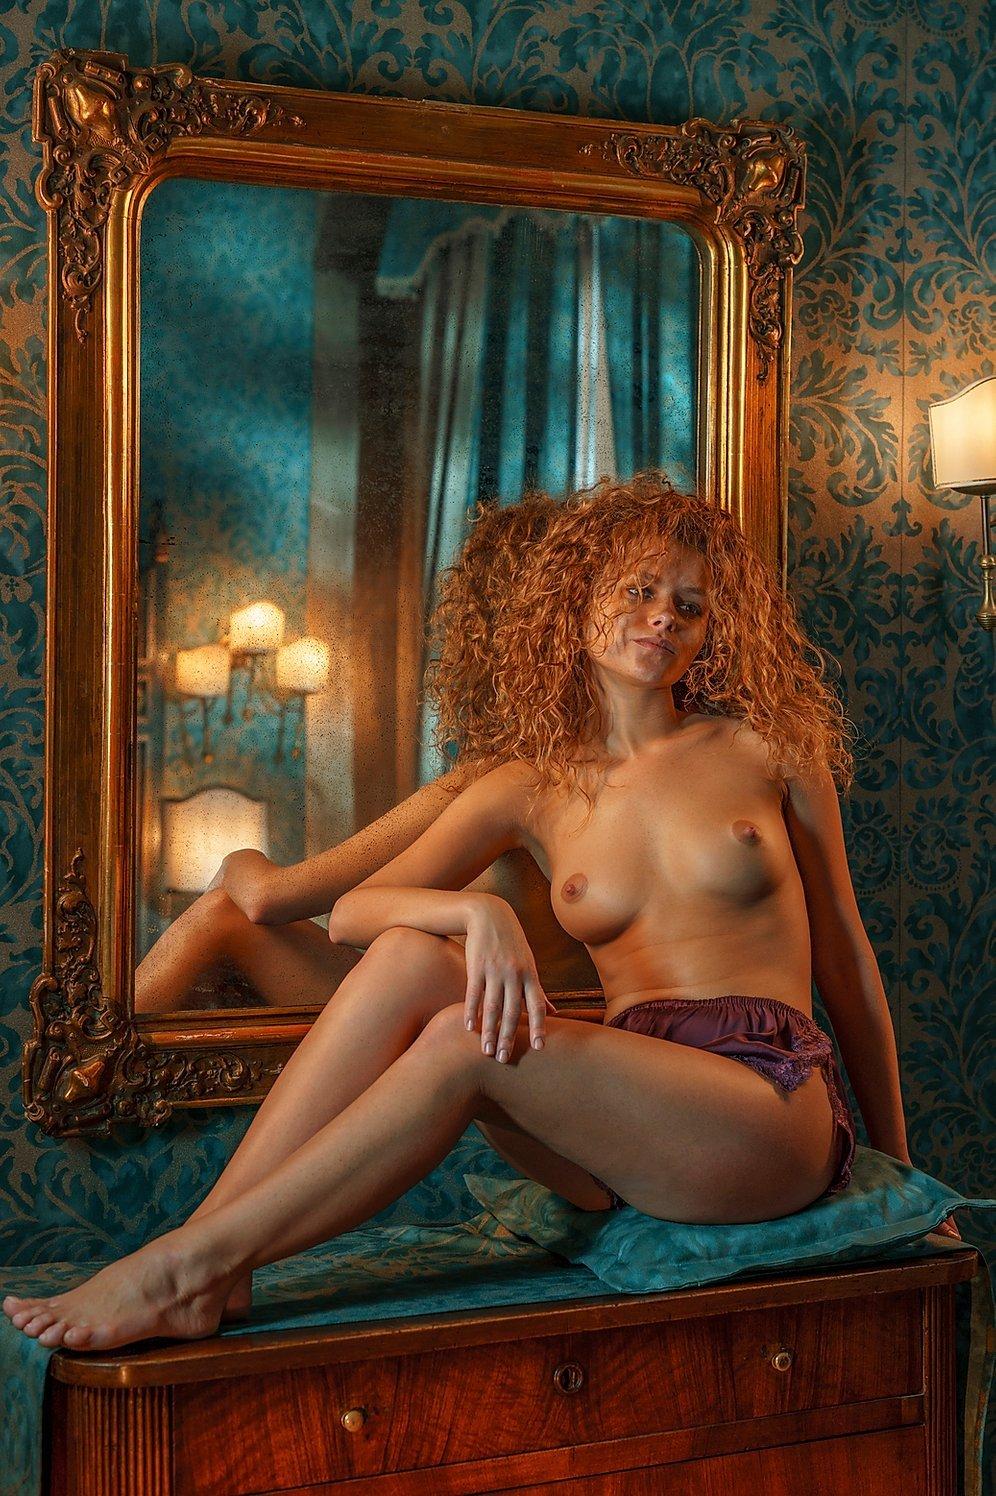 Юлия Ярошенко – Venezia / фотограф Stefan Grosjean